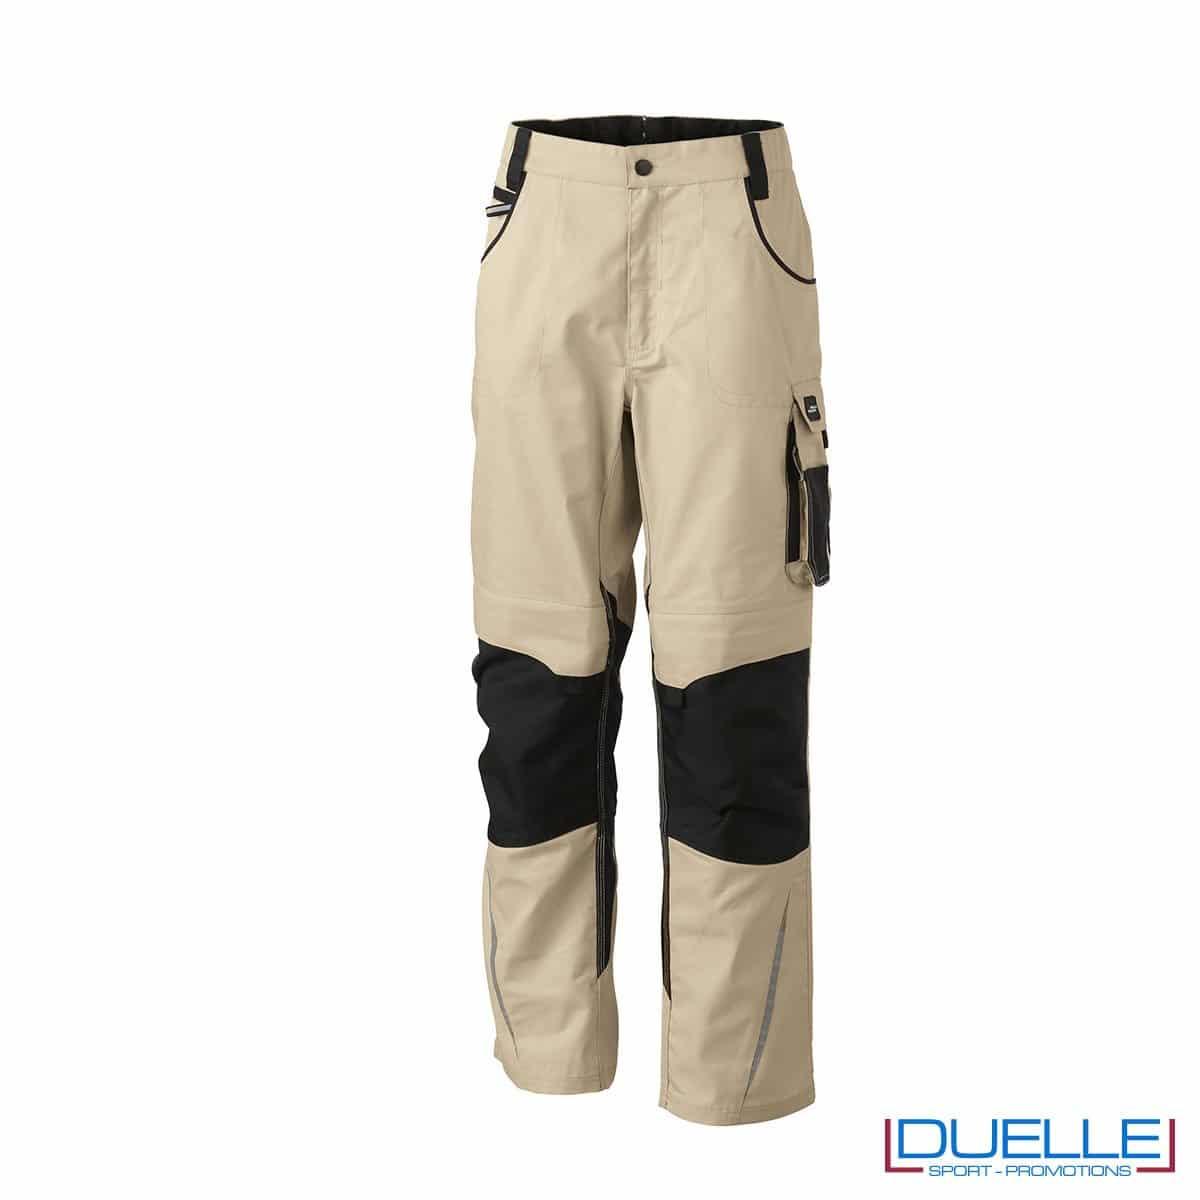 Pantalone da lavoro professionale personalizzato colore beige